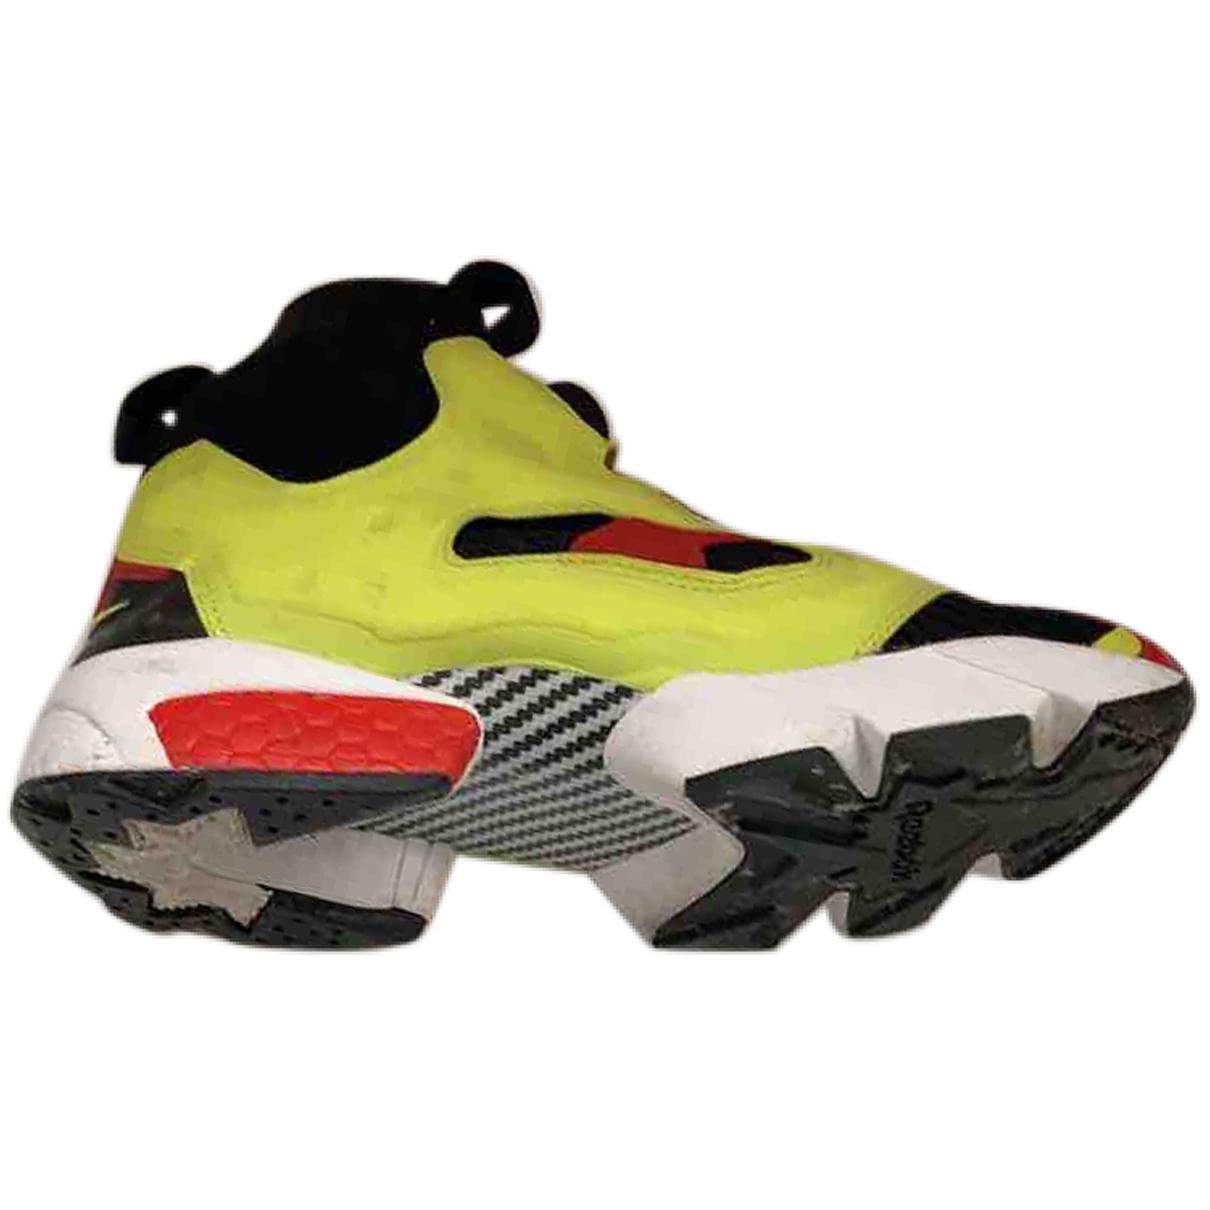 Reebok - Baskets   pour homme en cuir - jaune